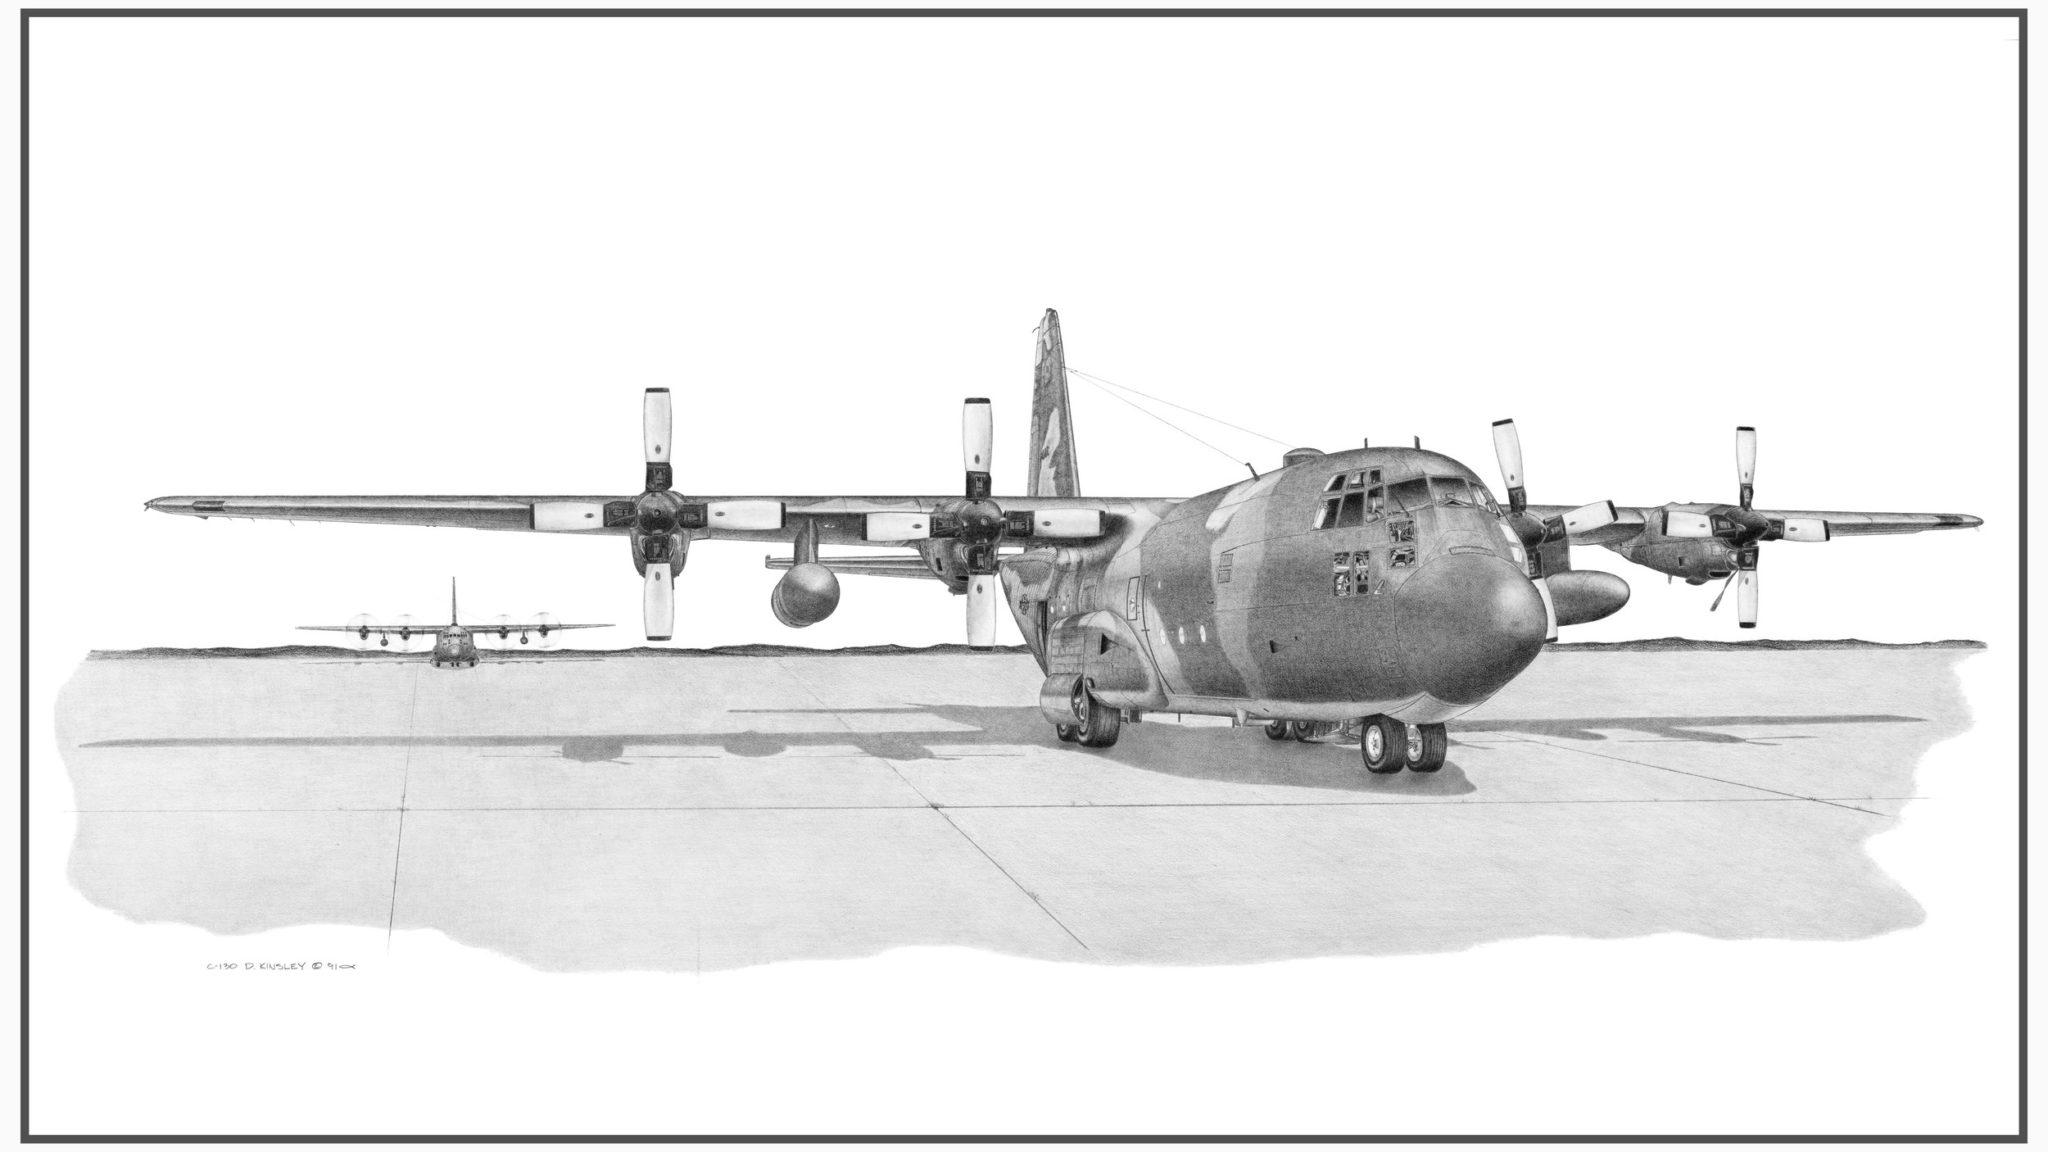 C-130 Hercules 1